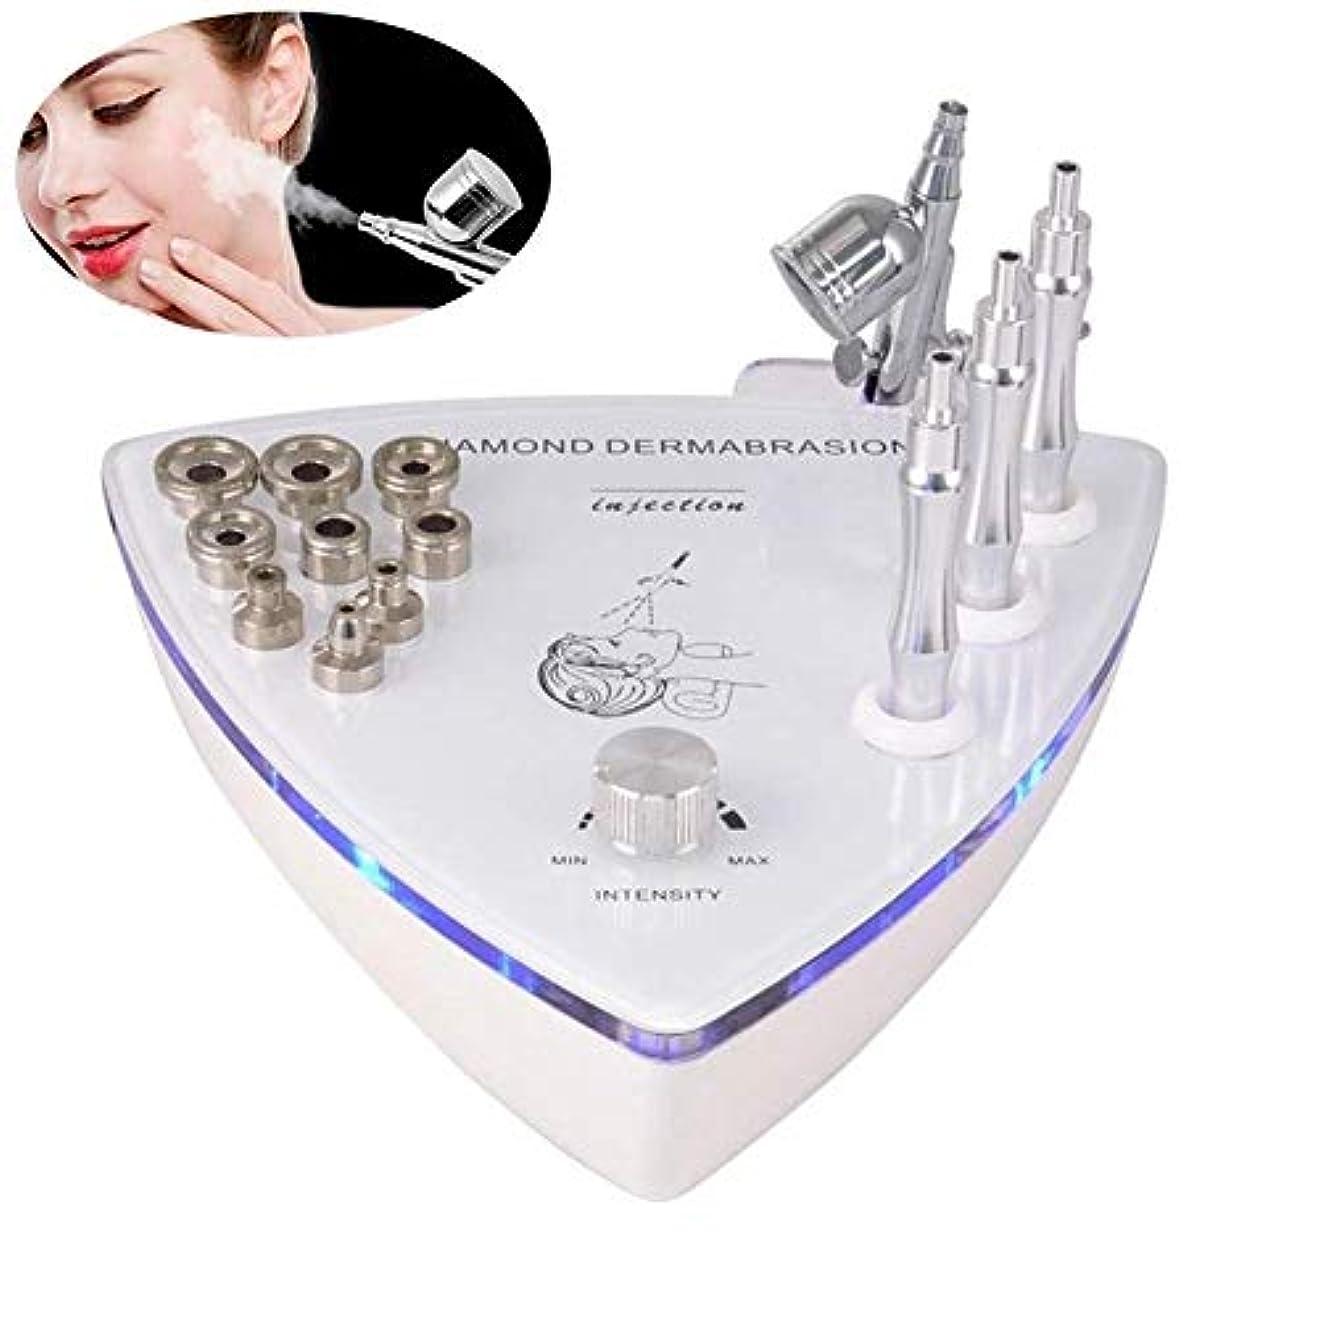 スカリー基準振りかけるダイヤモンドのマイクロダーマブレーションDermabrasionマシン、スプレーガン家庭用装備のフェイシャルスキンケア美容機器(強力な吸引力:0-68cmHg)